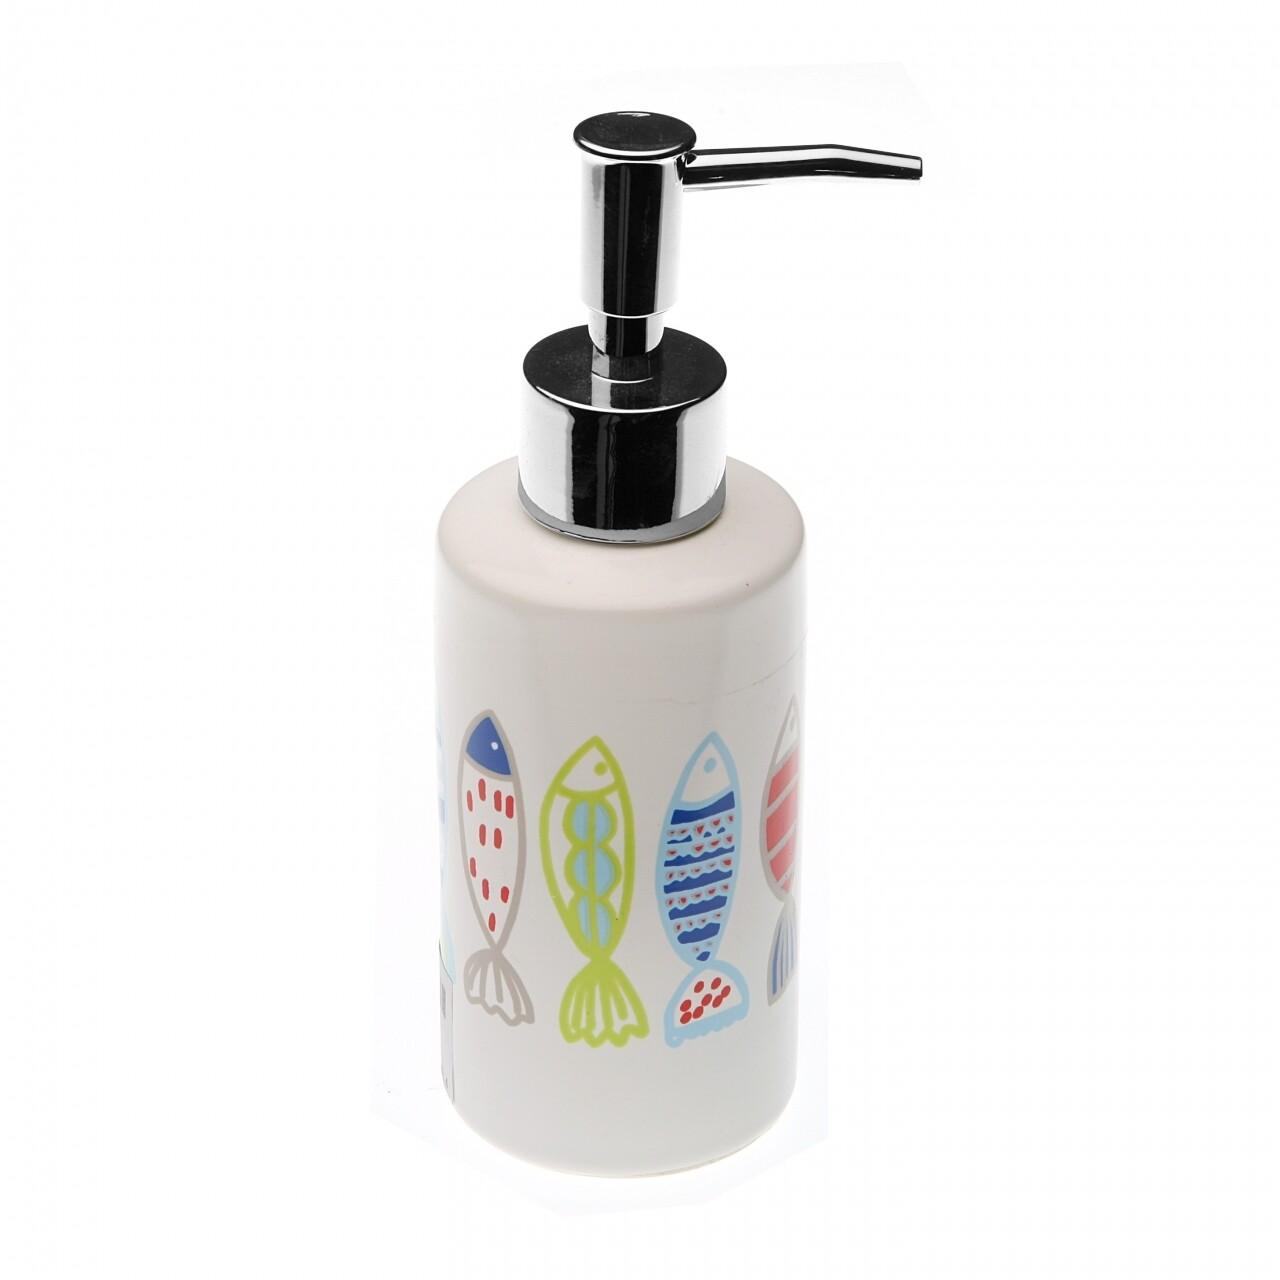 Dozator de sapun Peces, Versa, 6 x 6 x 17 cm, ceramica, multicolor